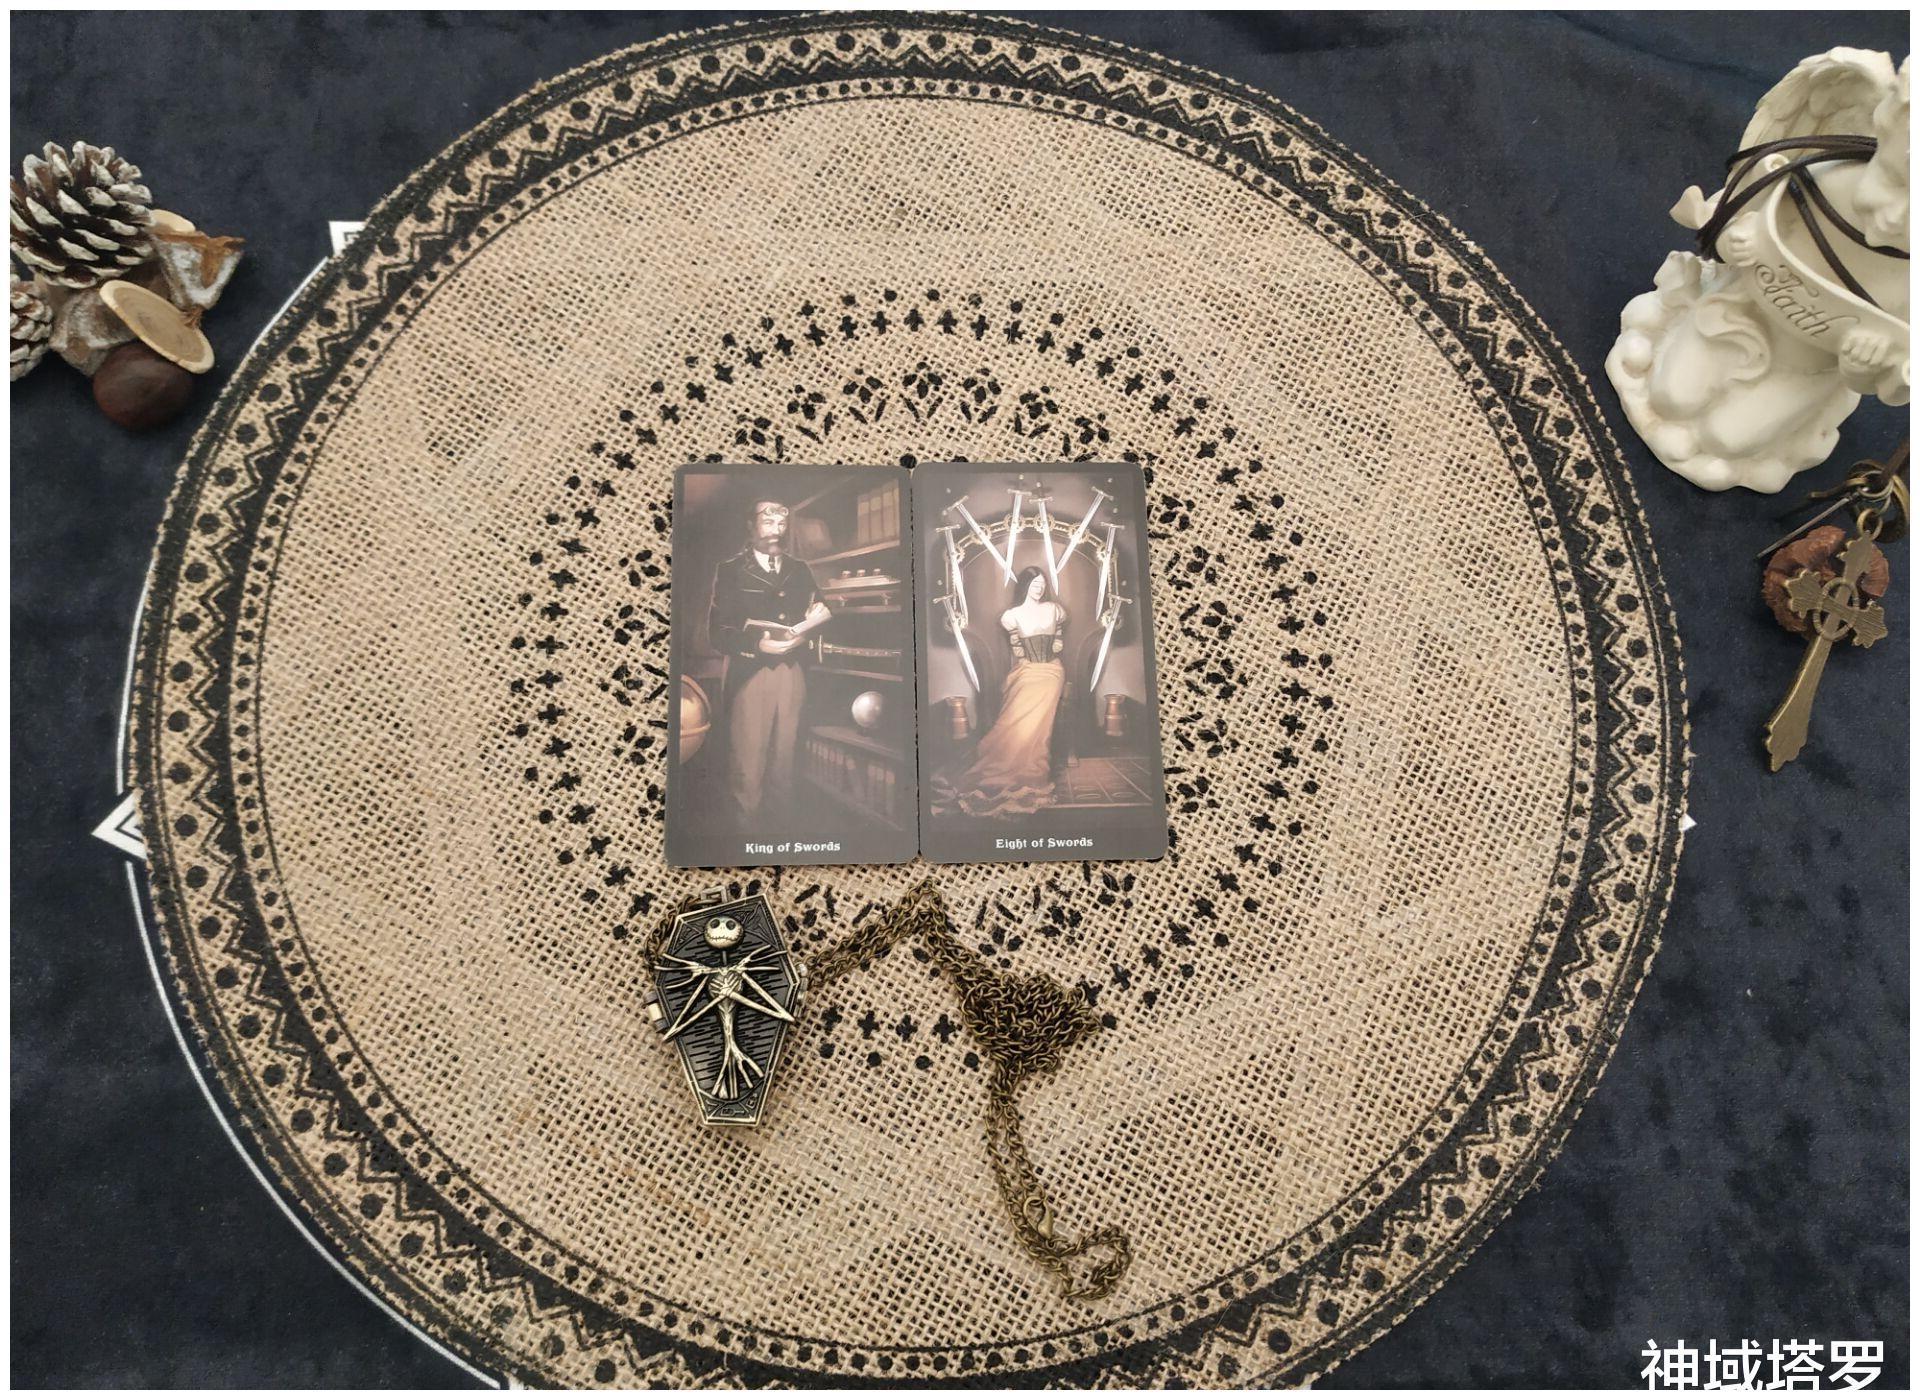 神域塔罗:巨蟹座6月上半月运势:业力的牵引,世俗的限制